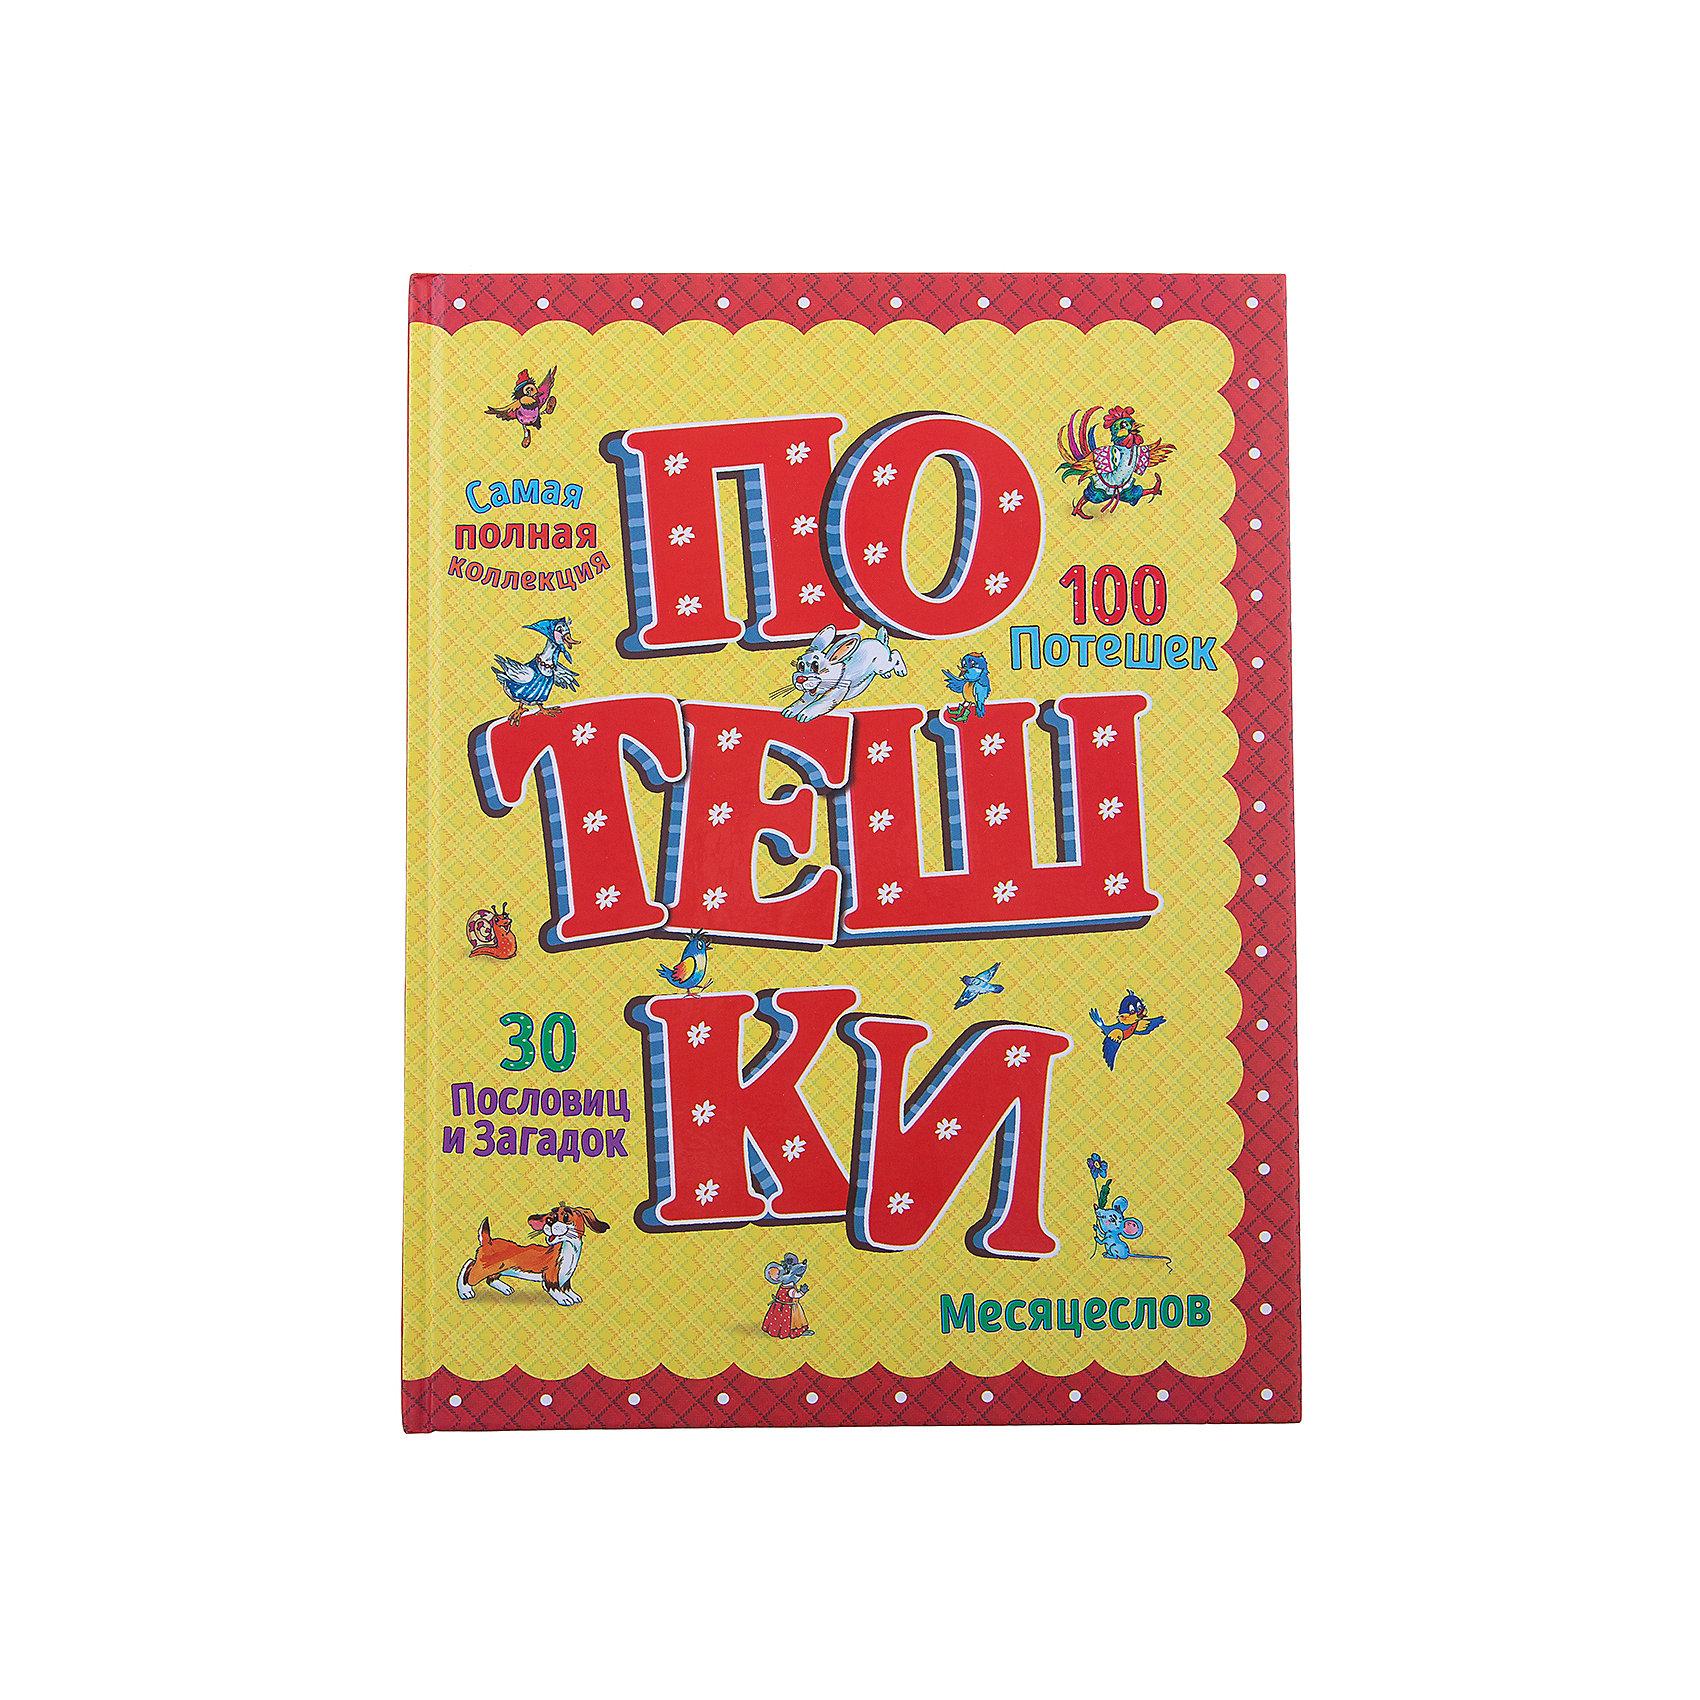 Потешки (ил. А. Кардашука)Первые книги малыша<br>Самая полная коллекция русского фольклора для развития Вашего малыша! Потешки, прибаутки, колыбельные, пословицы, поговорки, говорушки, пестушки, загадки, песенки, небылицы, заклички, считалки и месяцеслов! Формируют речевые навыки, тренируют память, обогащают словарный запас, развлекают и воспитывают с первых месяцев жизни!<br>Для чтения взрослыми детям. <br>Составитель: Хинн О.<br><br>Ширина мм: 255<br>Глубина мм: 197<br>Высота мм: 110<br>Вес г: 448<br>Возраст от месяцев: -2147483648<br>Возраст до месяцев: 2147483647<br>Пол: Унисекс<br>Возраст: Детский<br>SKU: 5535370